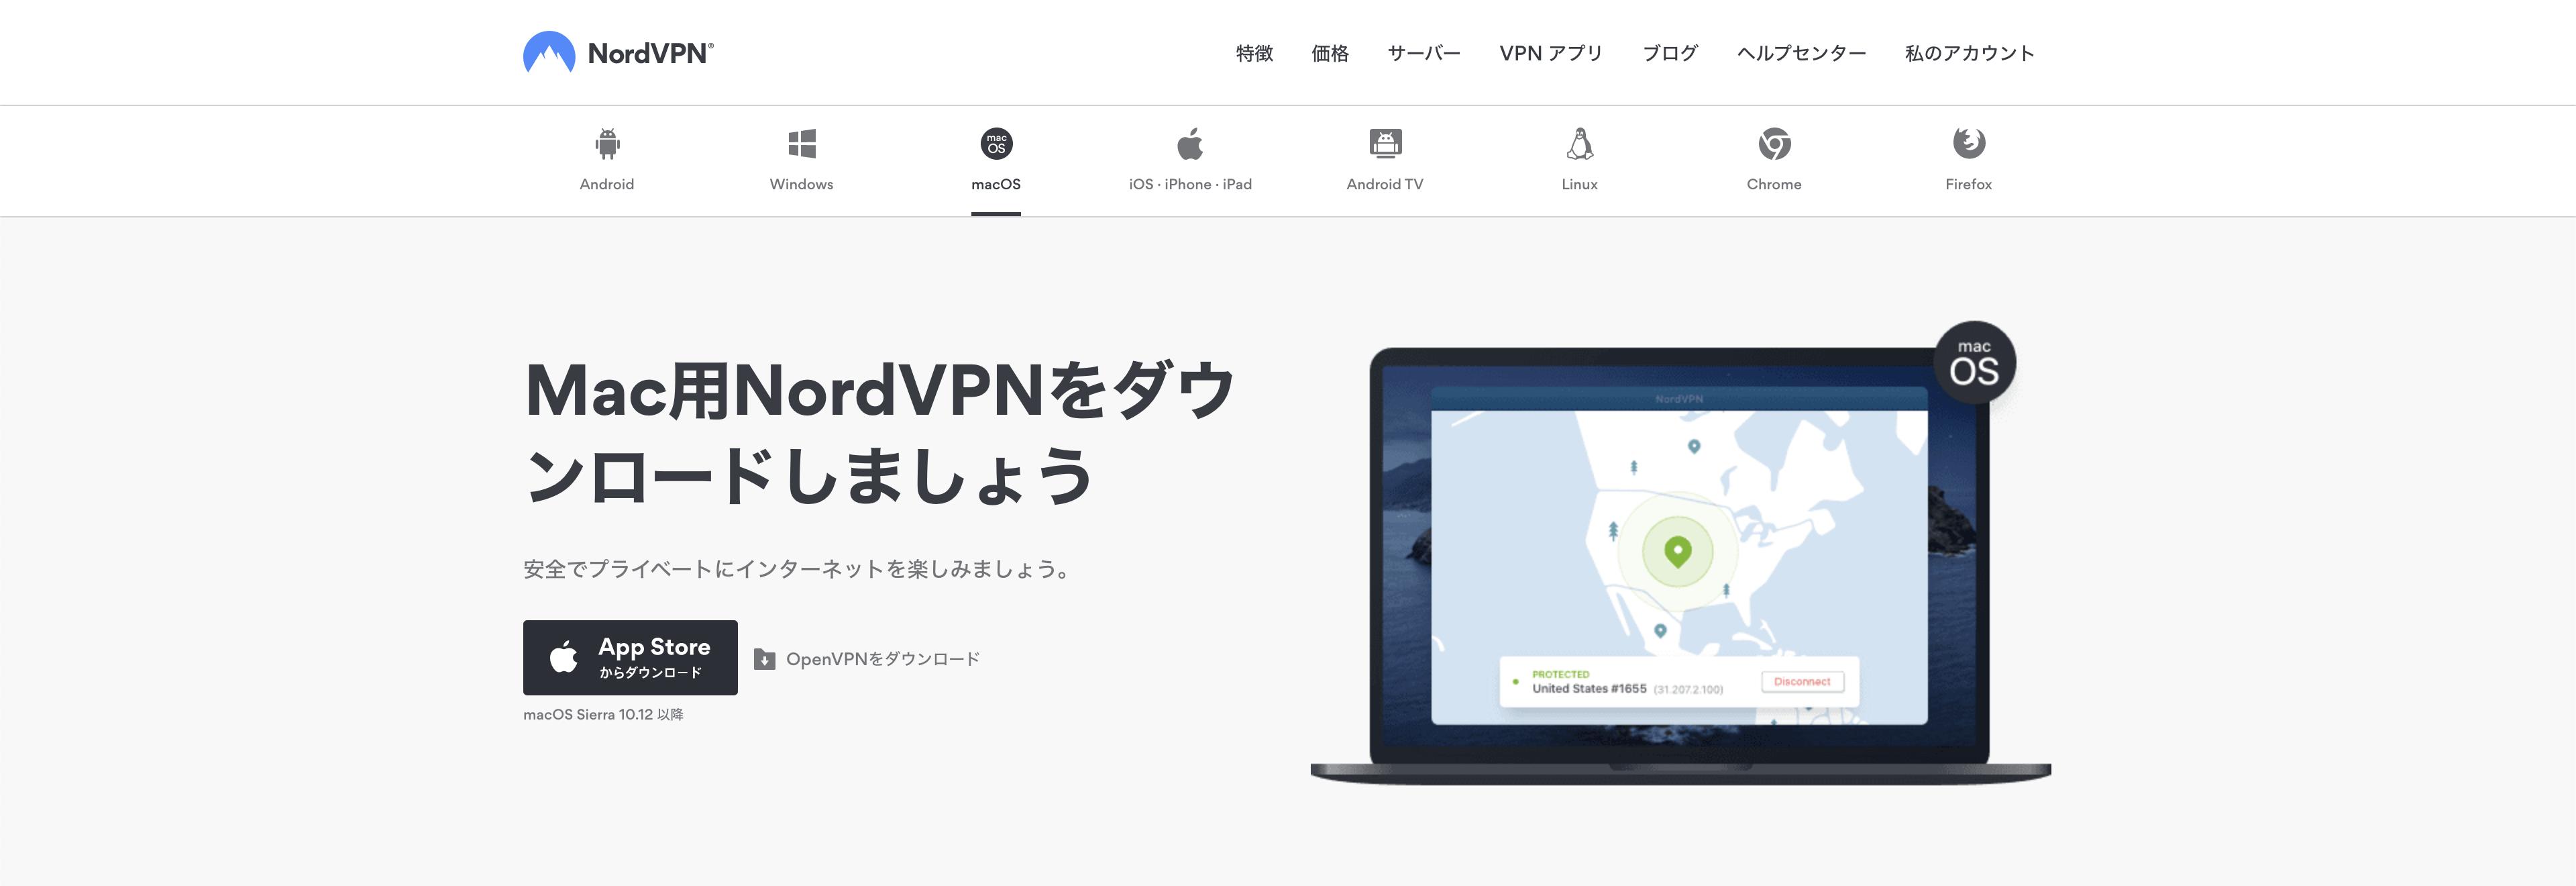 NordVPNのアプリをダウンロード